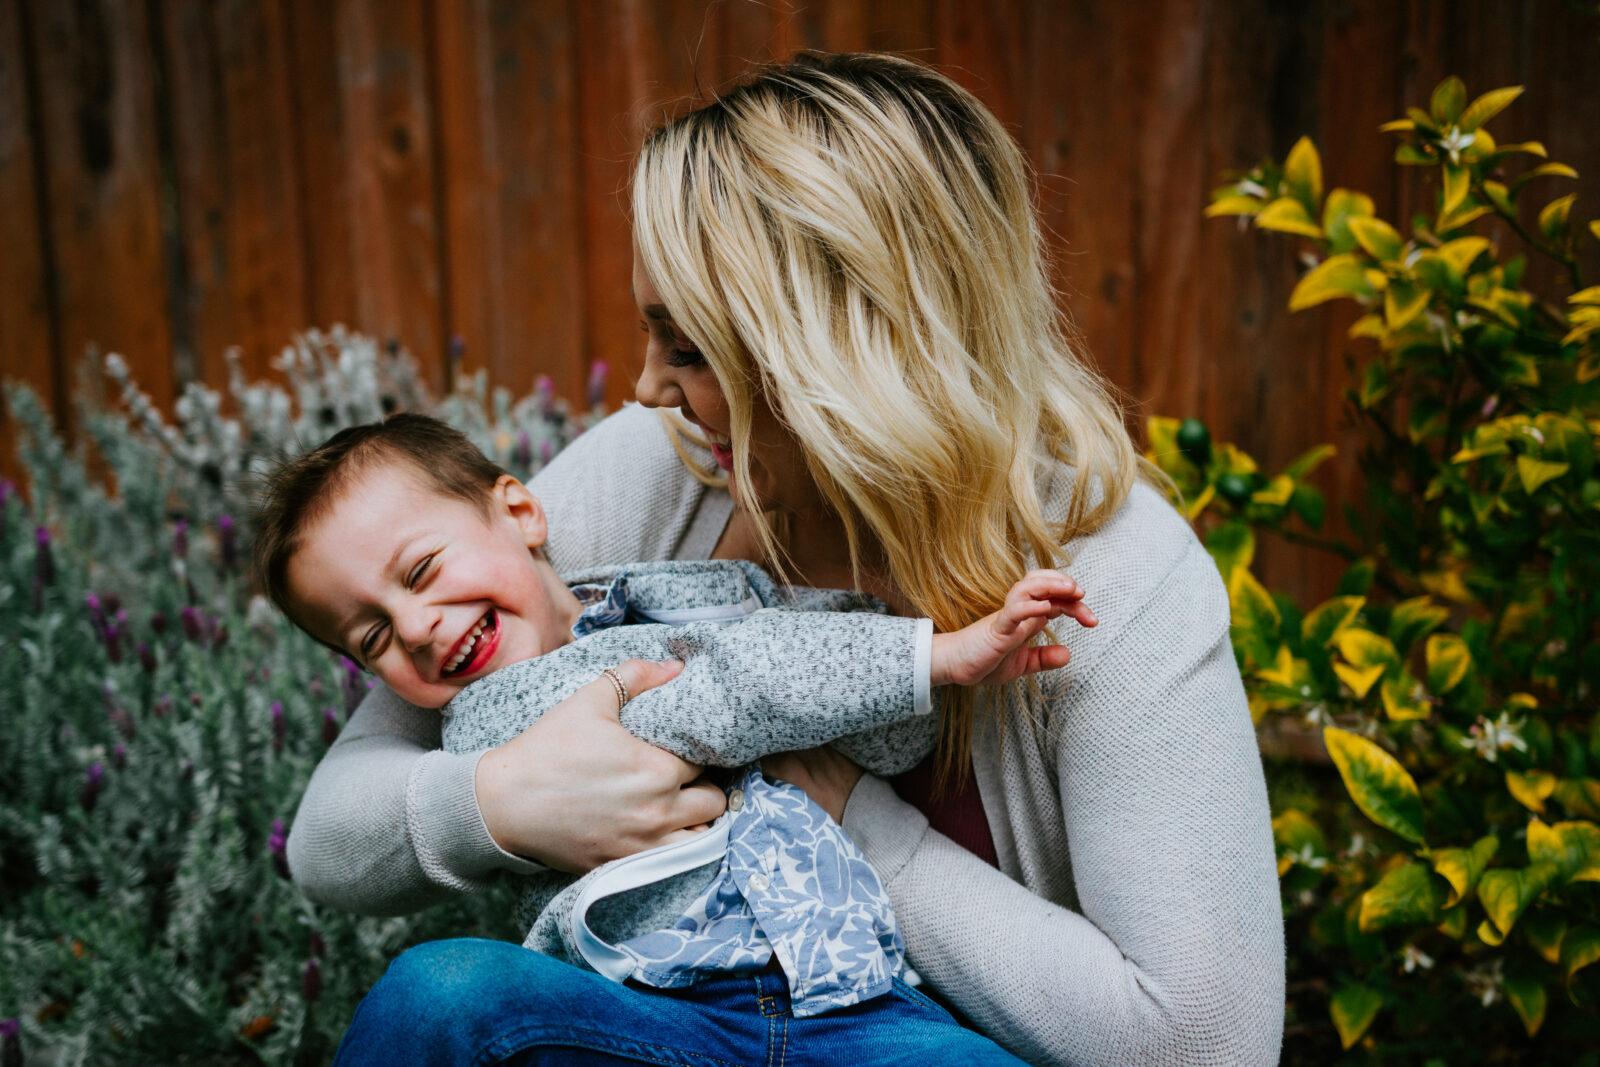 Escuela para Padres: La importancia de la salud física, mental-emocional y espiritual de nuestros hijos